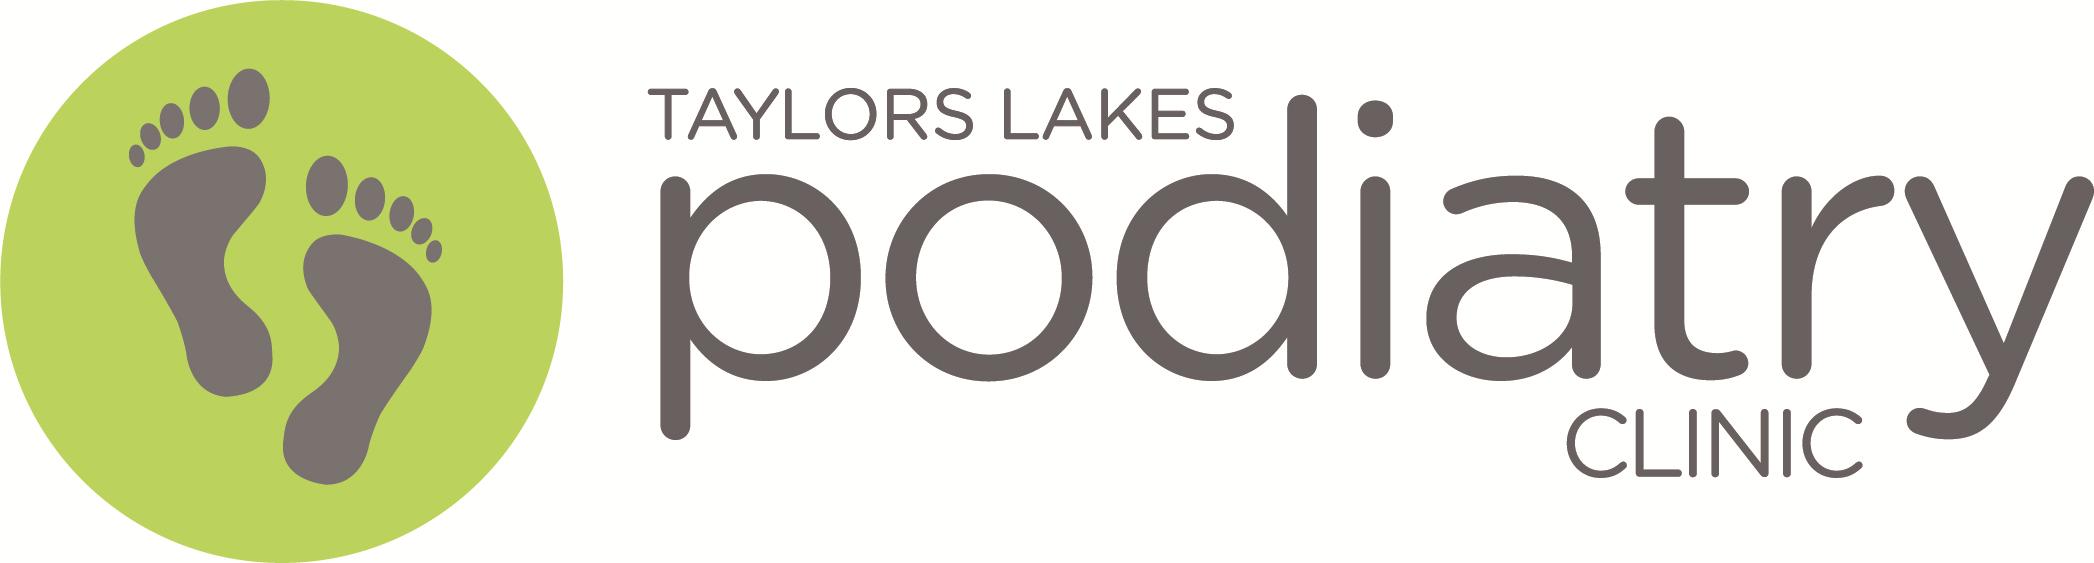 Taylors Lakes Podiatry Clinic Logo